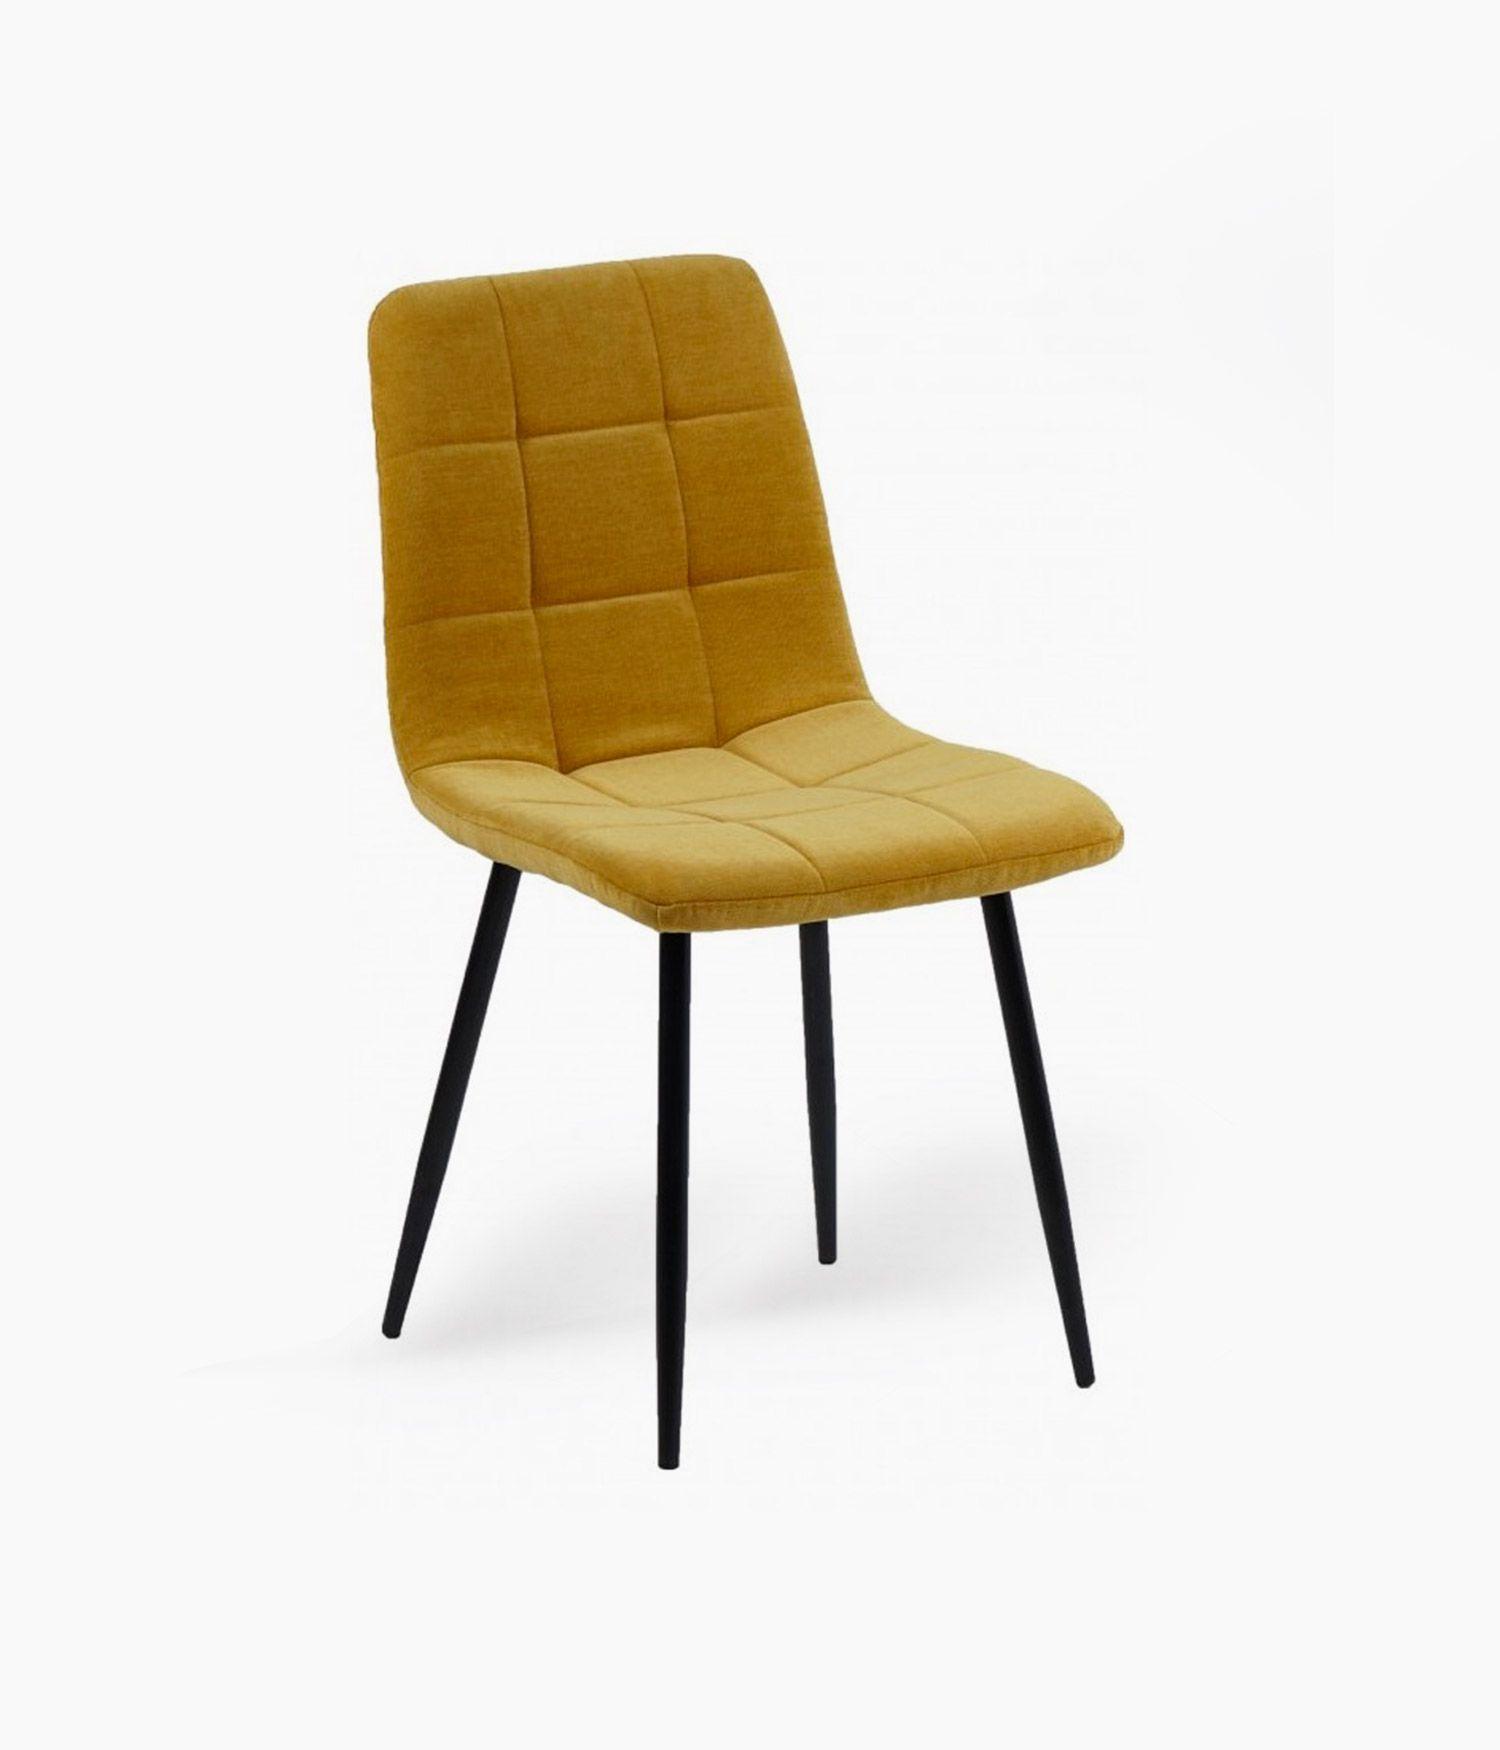 chaise manta tissu moutarde h89cm